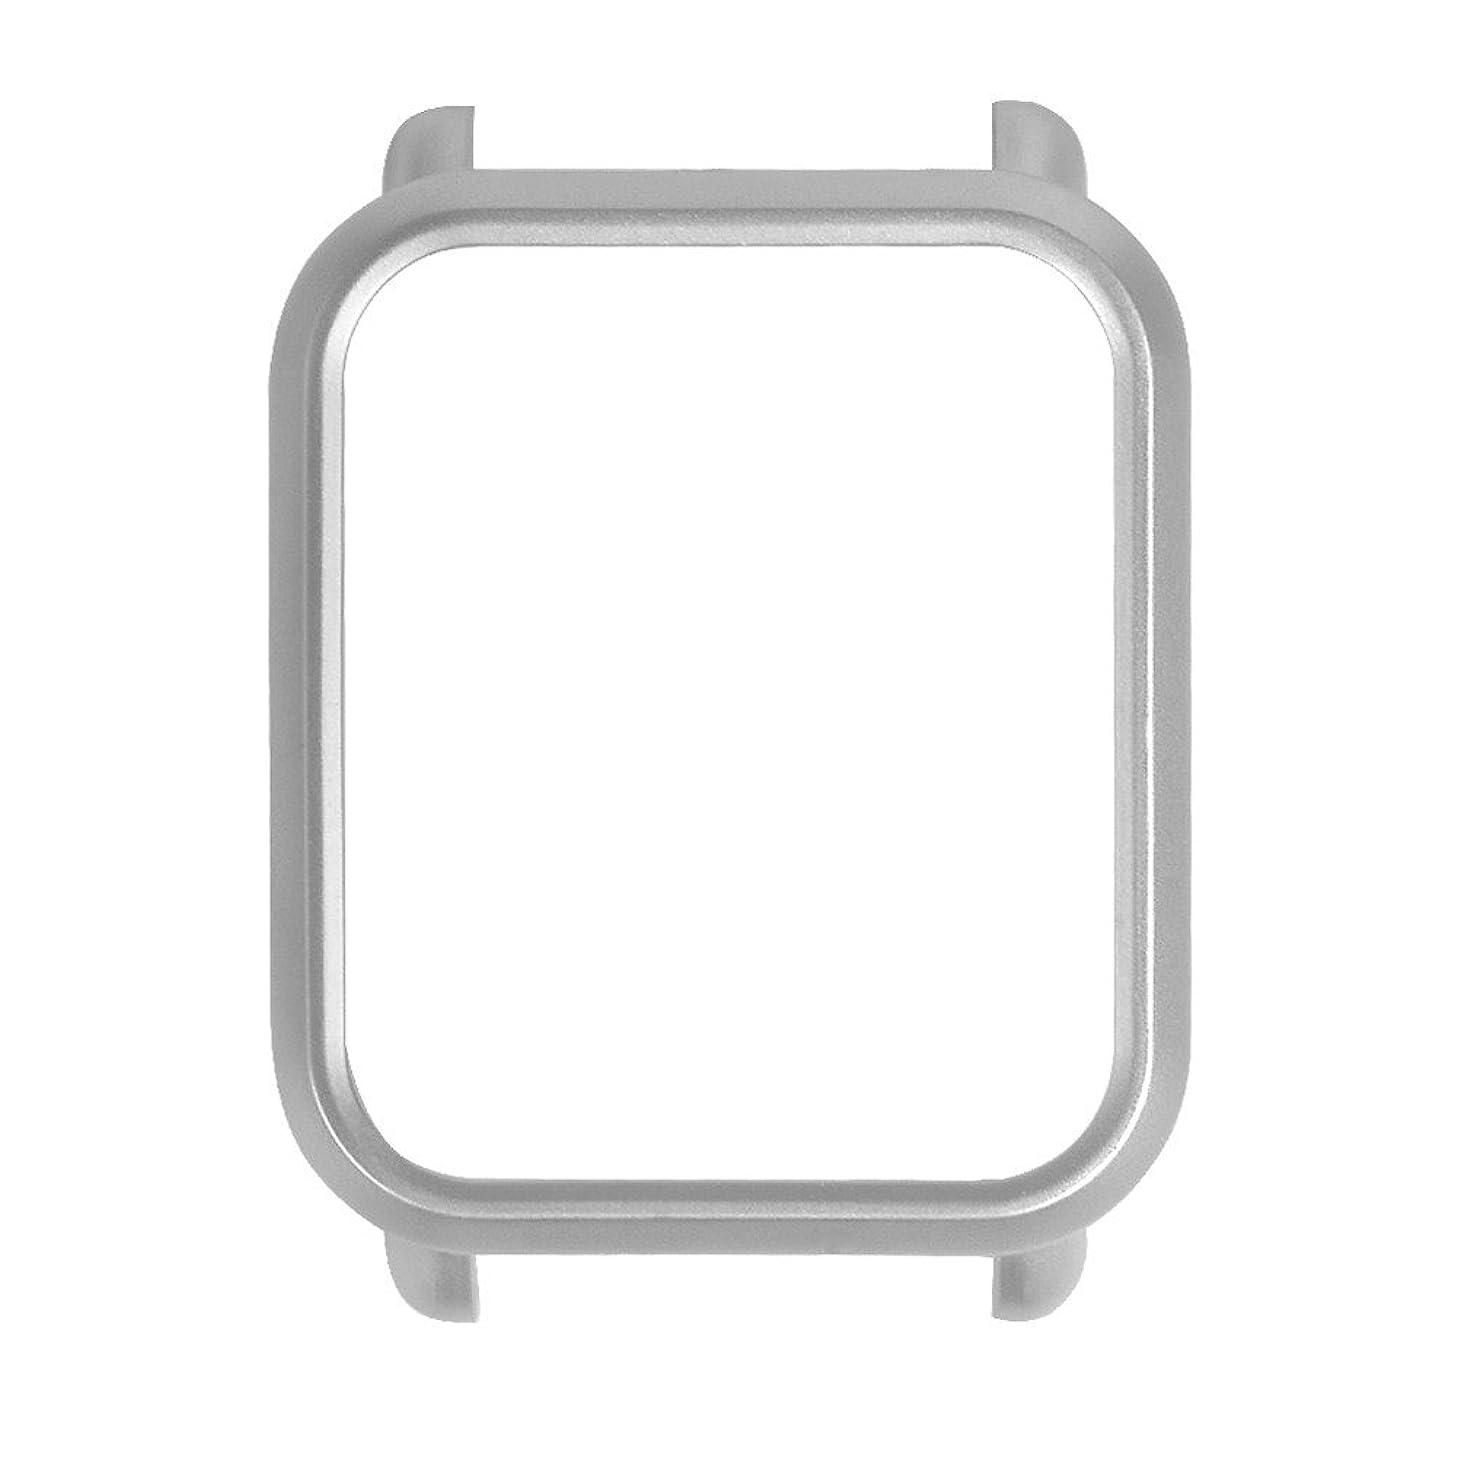 適用するフォアタイプ交通Vaorwne スマートウォッチ プロテクターケース スリムフレーム PCケースカバー Huami Amazfit Bip Youth に適用する ウォッチ、シェル シルバー